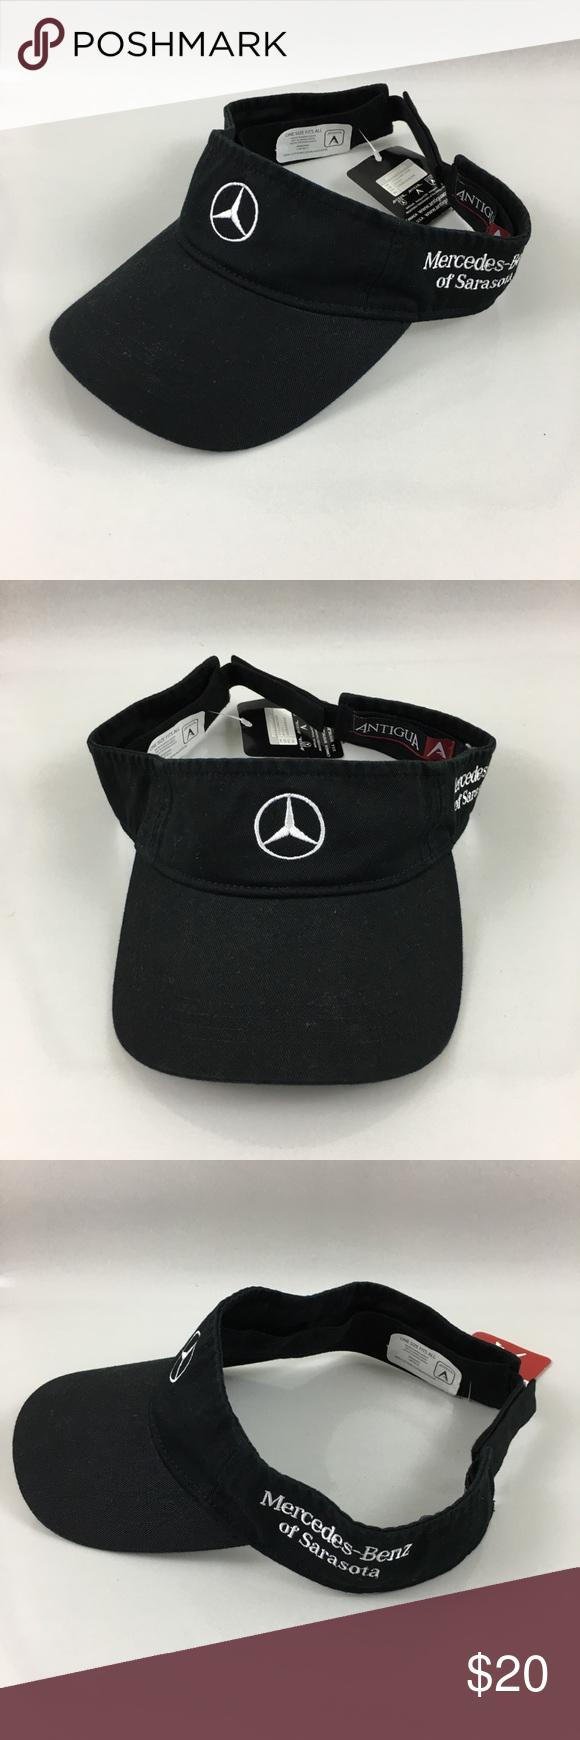 Antigua Mercedes Benz of Sarasota black visor hat New with tag Accessories  Hats b8db87c1a37e